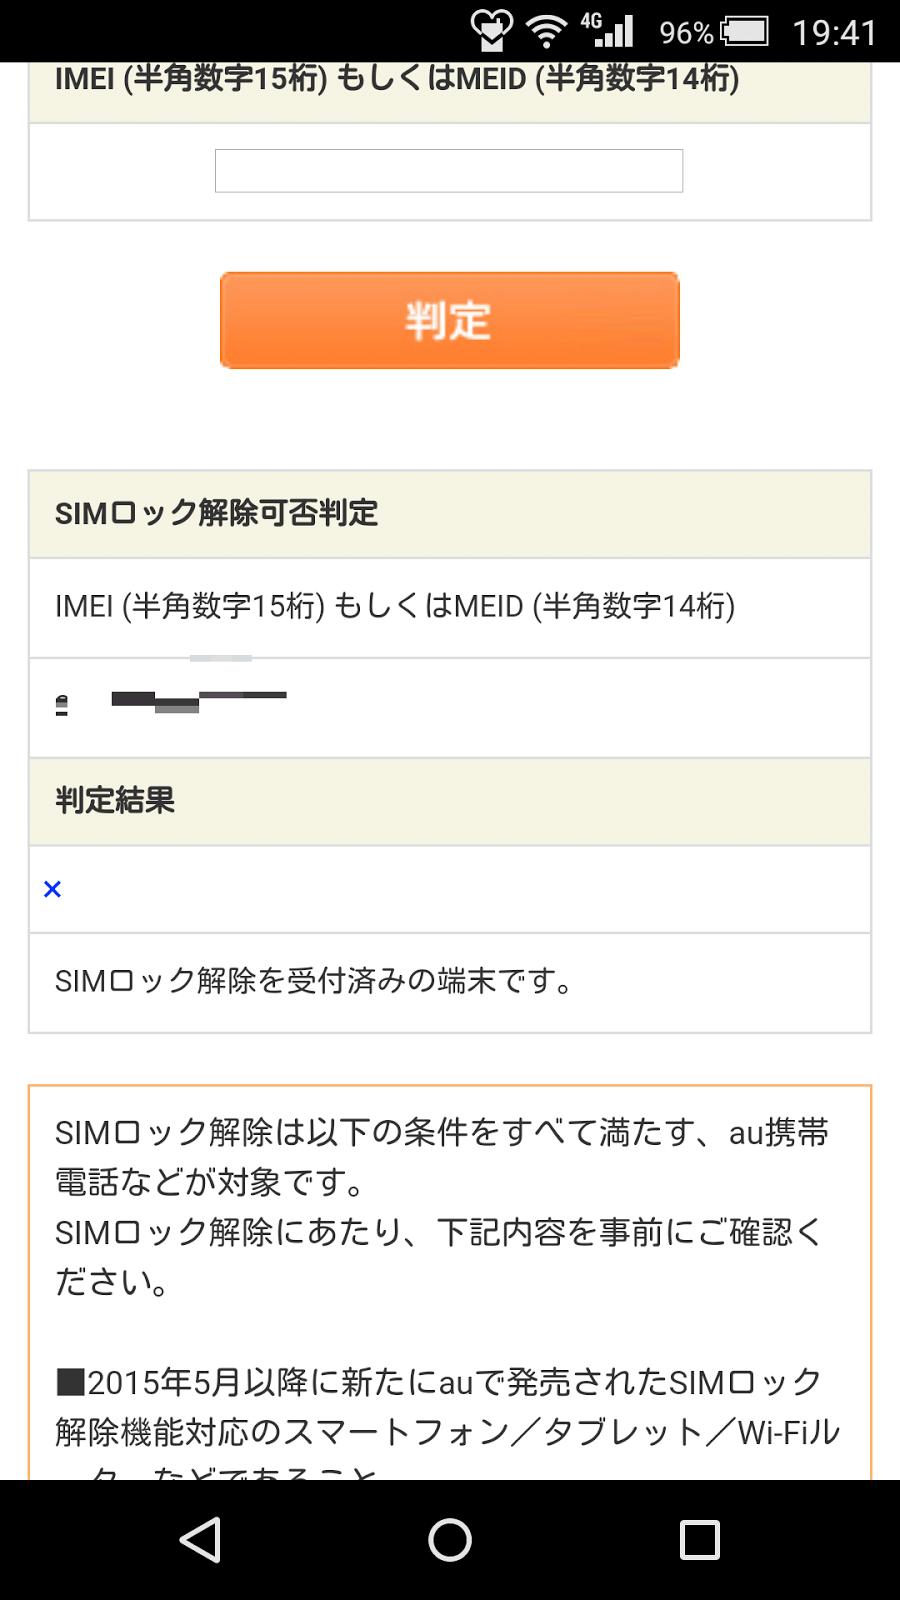 auのSIMロック解除済みAndroid端末を補償で交換した場合のSIMロック状態について